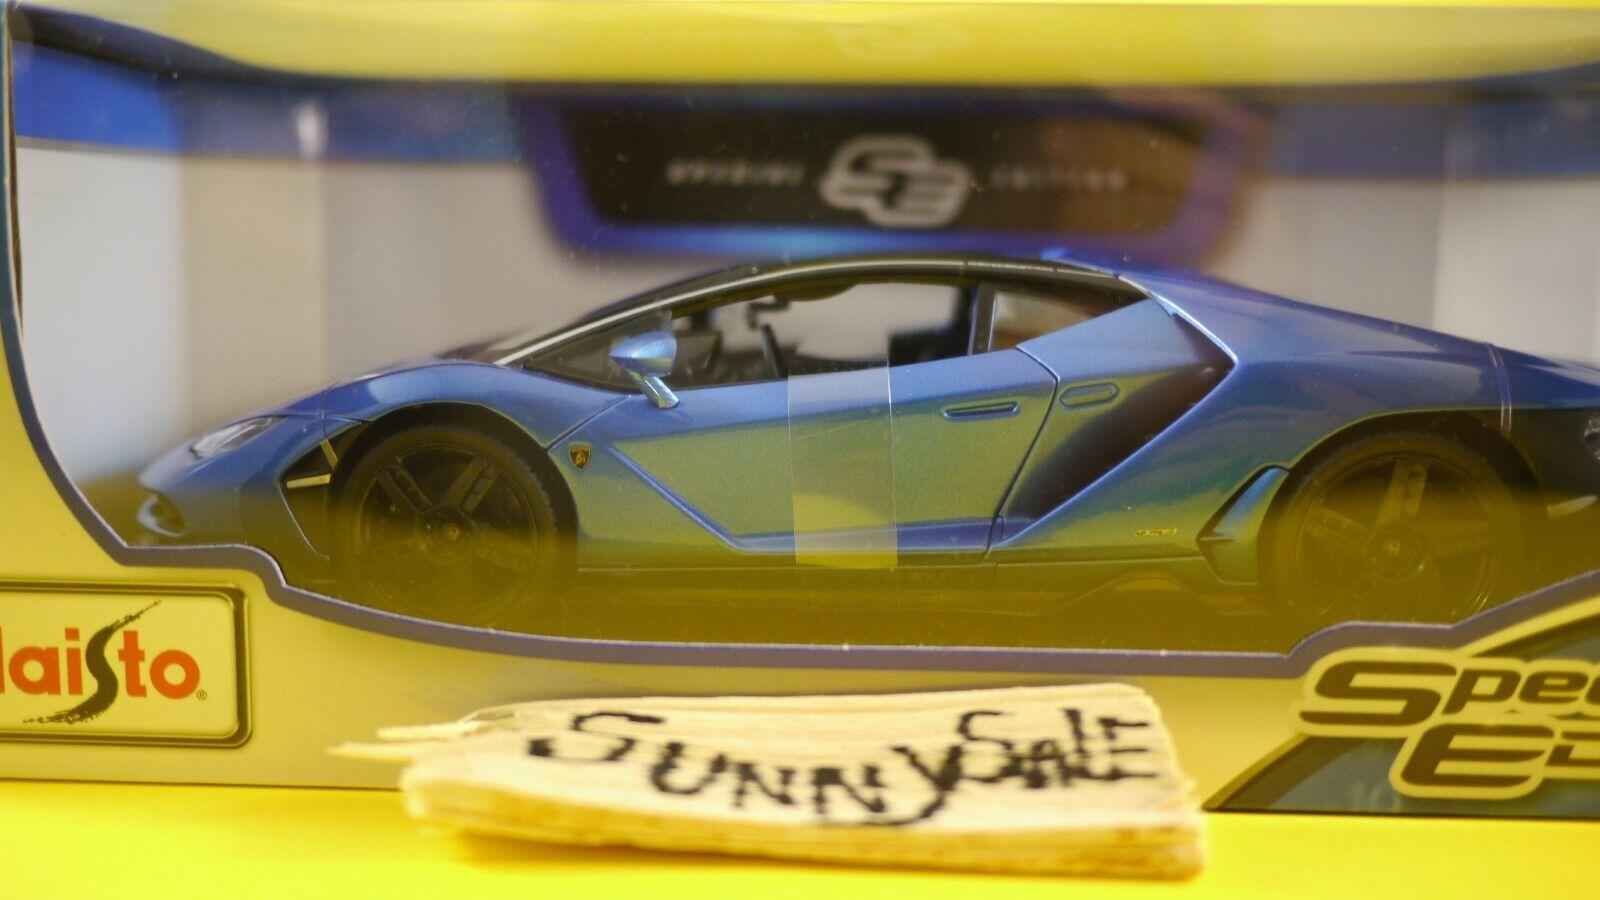 Maisto 1 18 Scale Special Edition Diecast Model - Lamborghini Centenario (bluee)